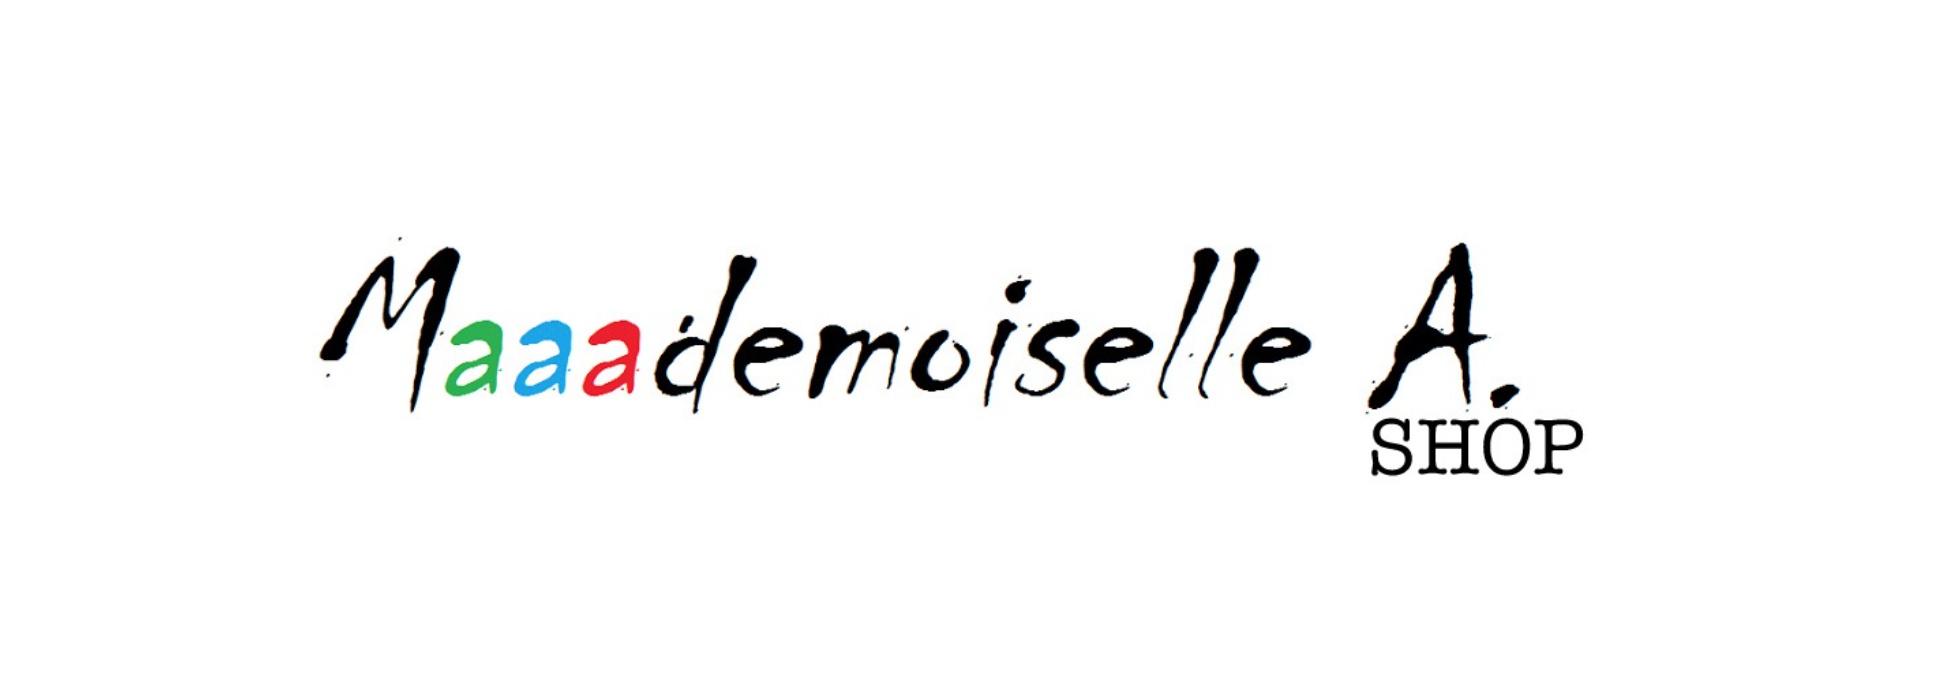 Maaademoiselle A. Shop